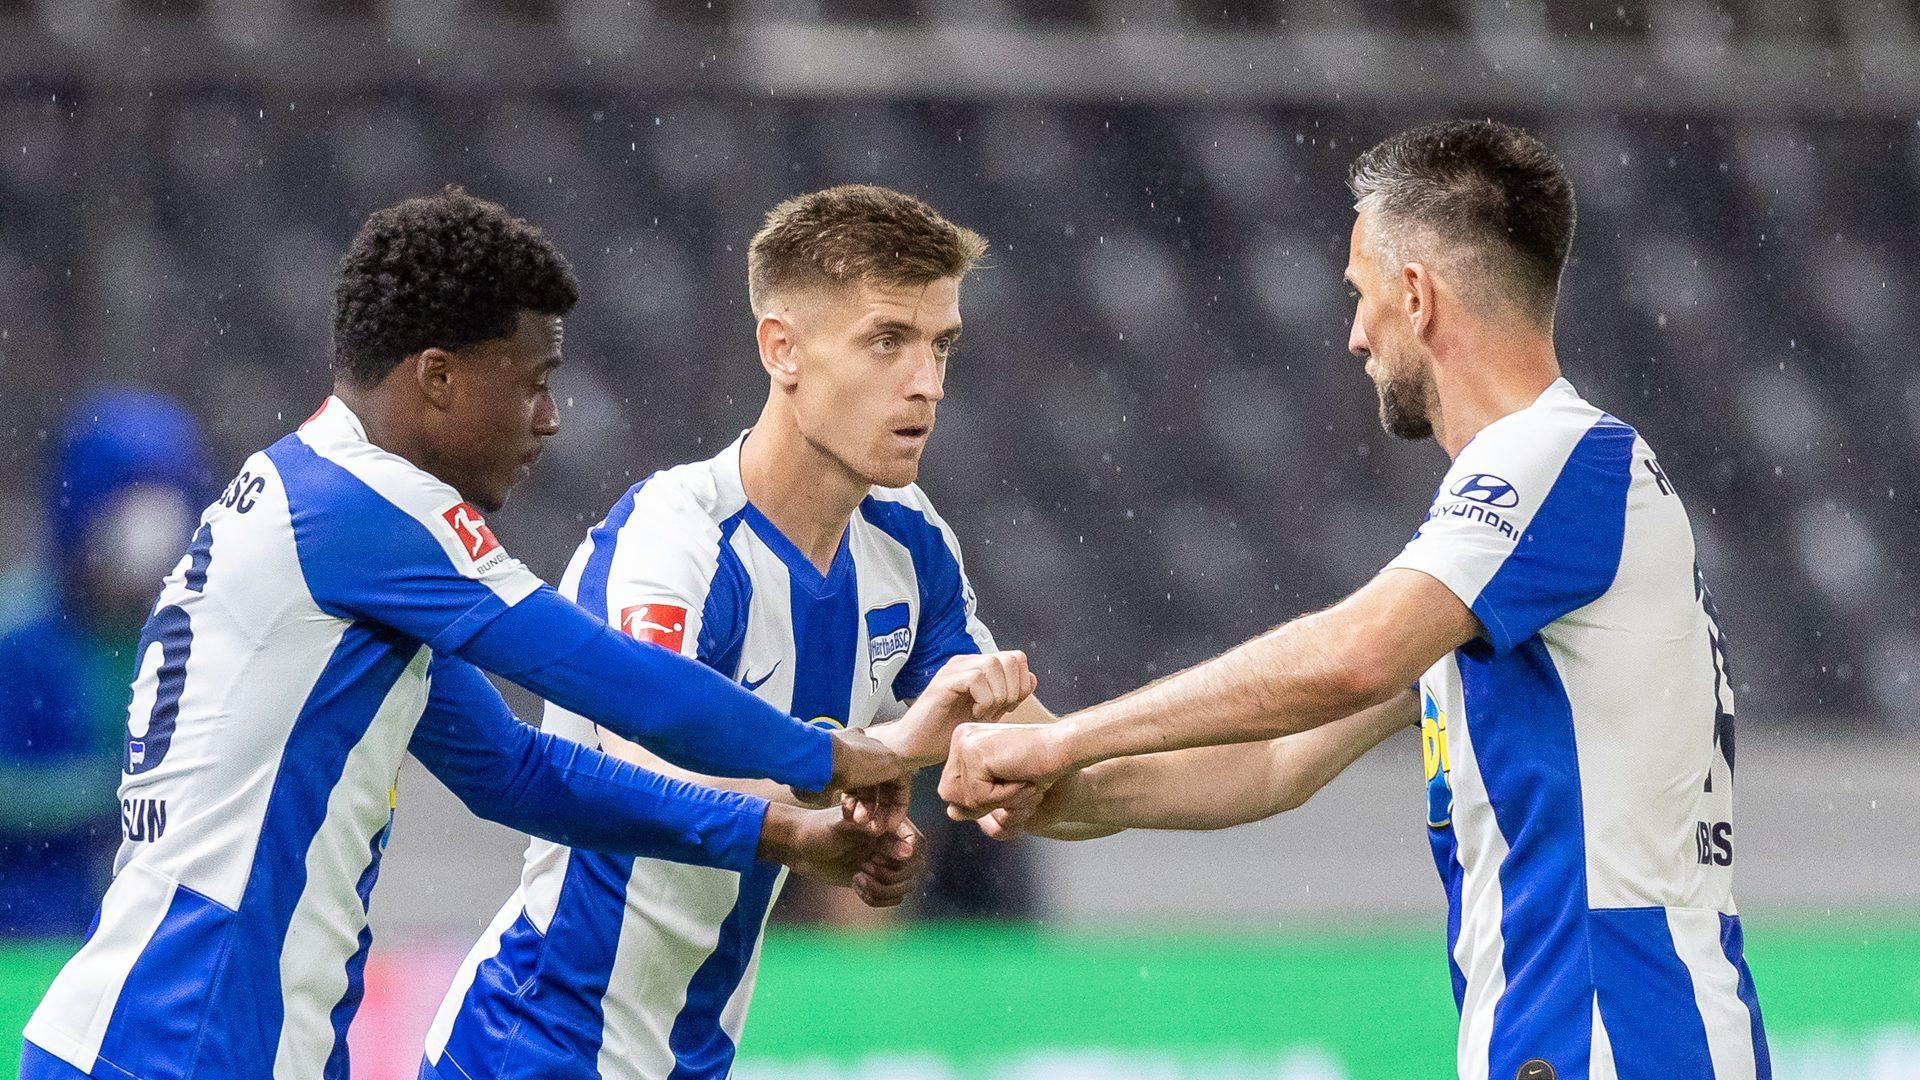 """Bundesliga   Hertha Berlin's Vedad Ibisevic: """"We've realised it pays to  work hard as a team"""""""